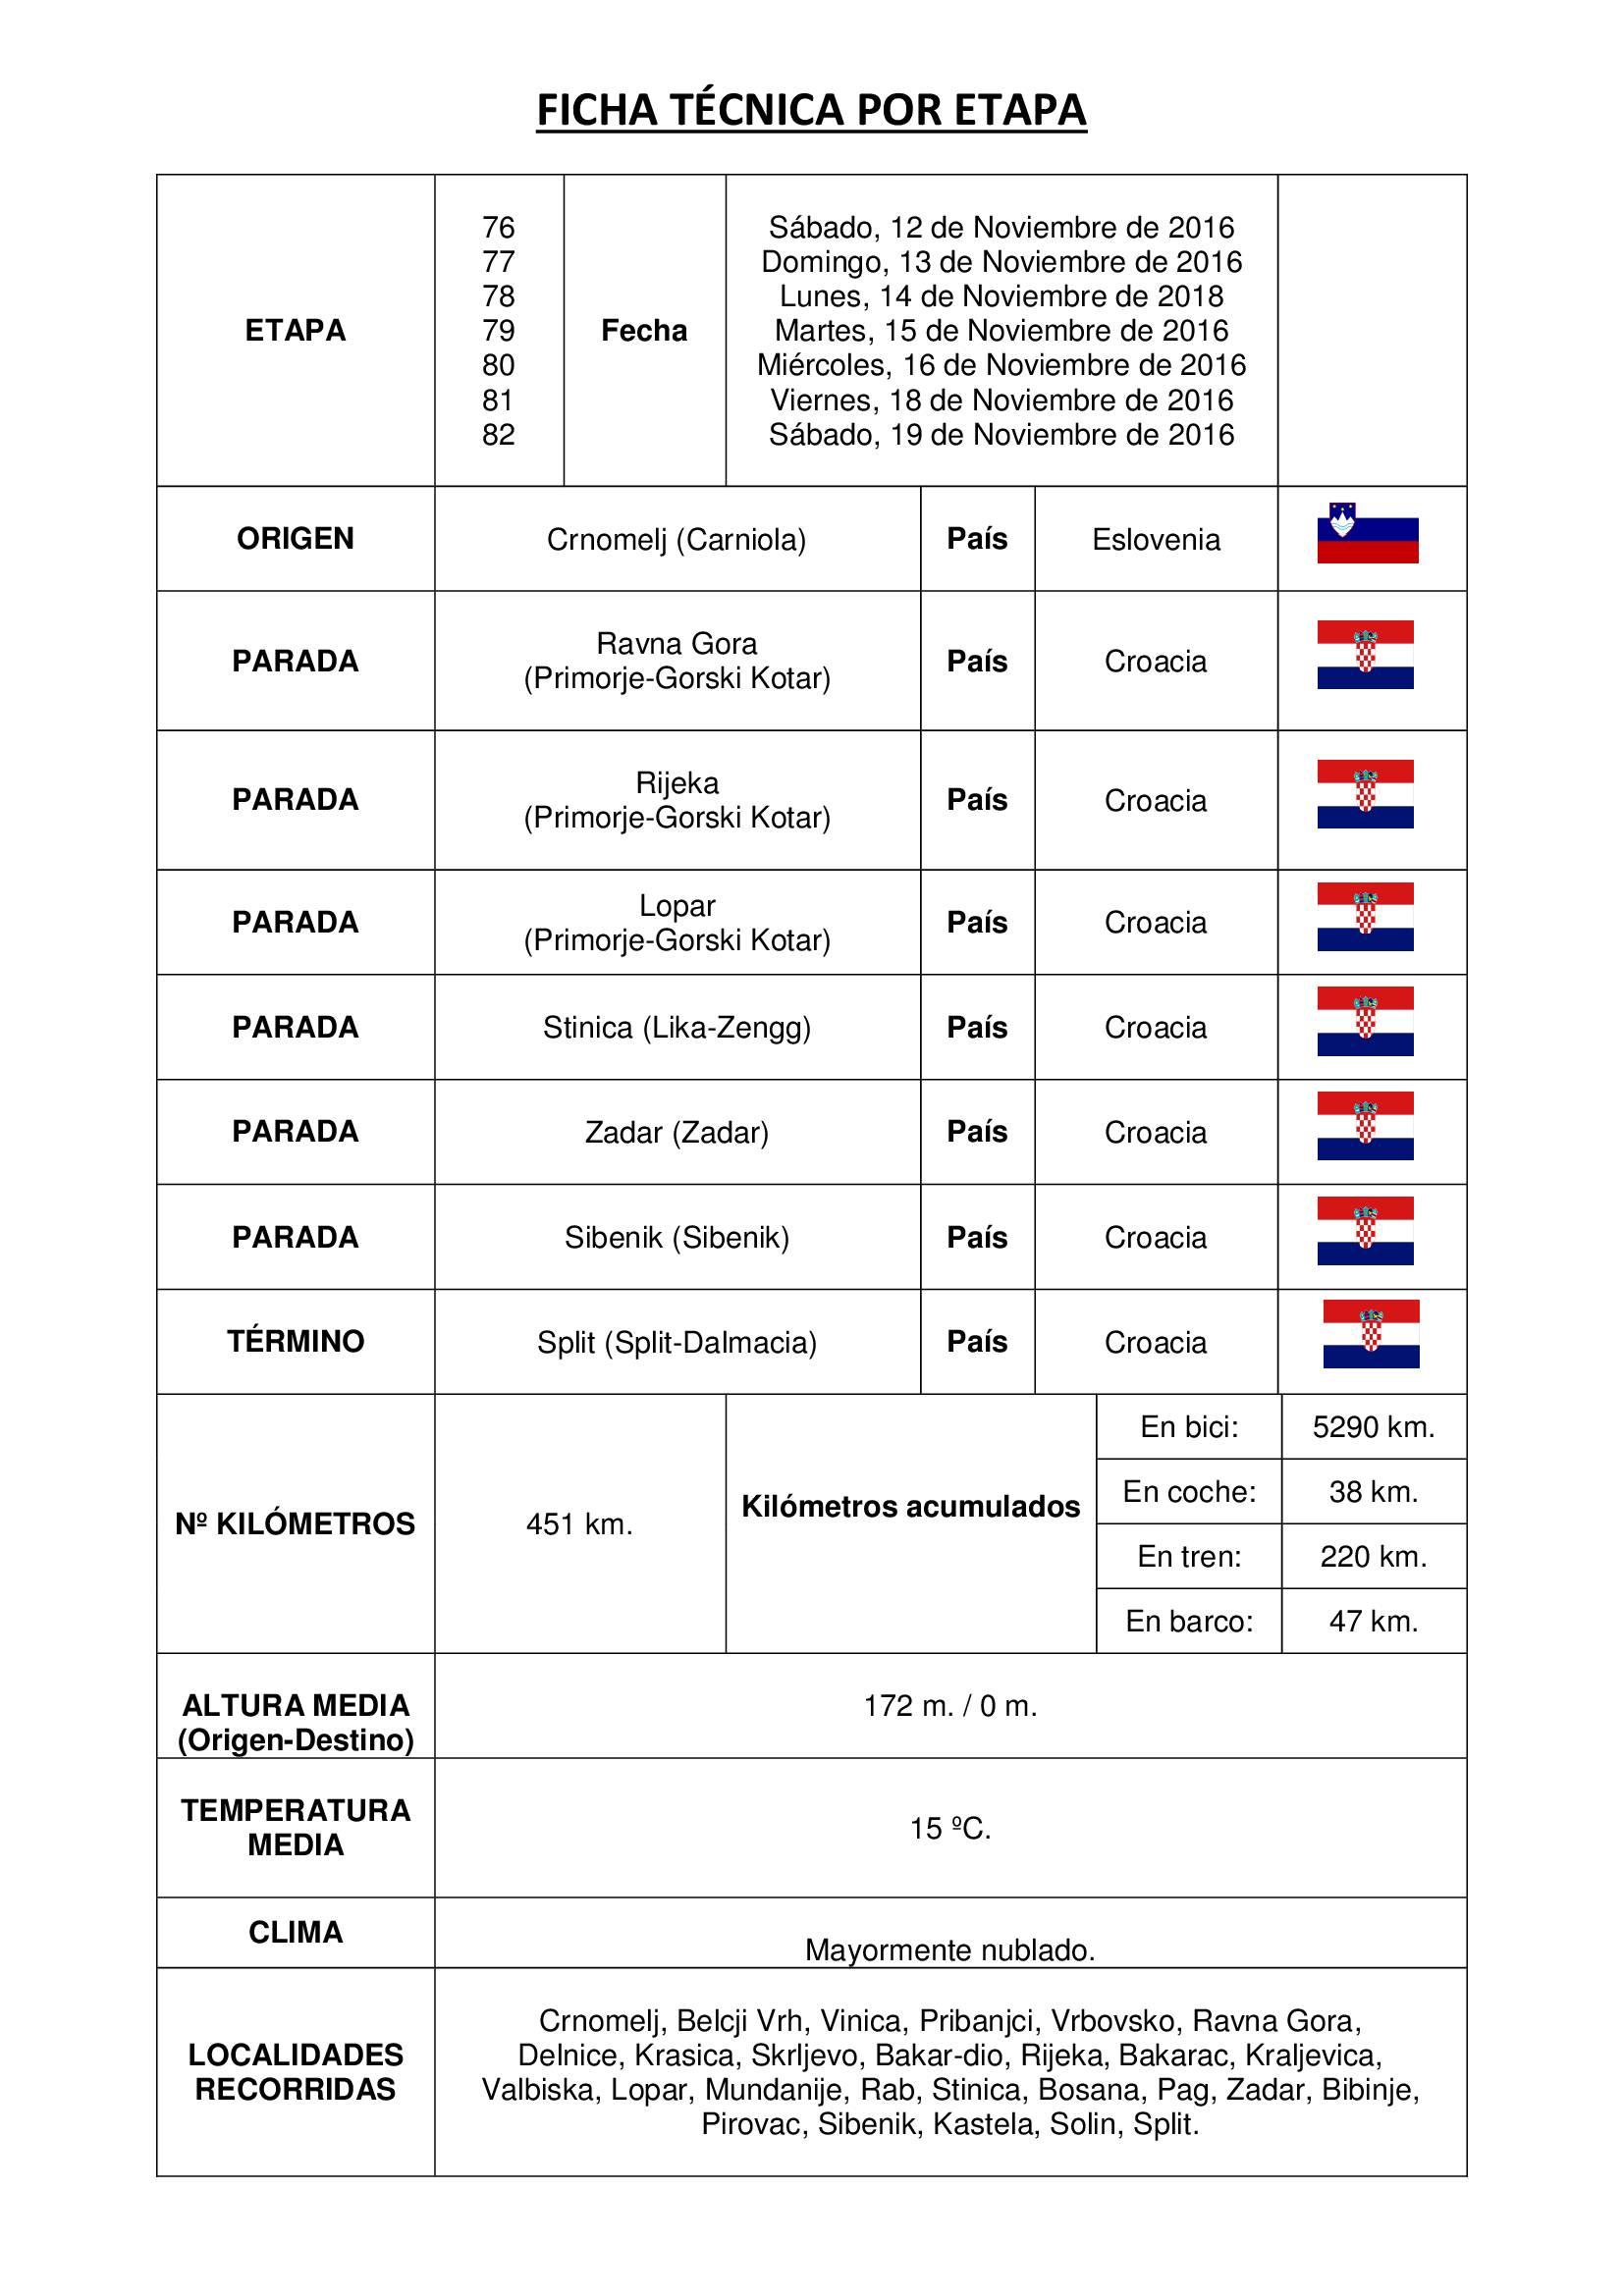 etapa 76  77  78  79  80  81 y 82 1 - Elías Escribano llega al mar Adriático. Etapas 76-82 de Perlé por el Mundo